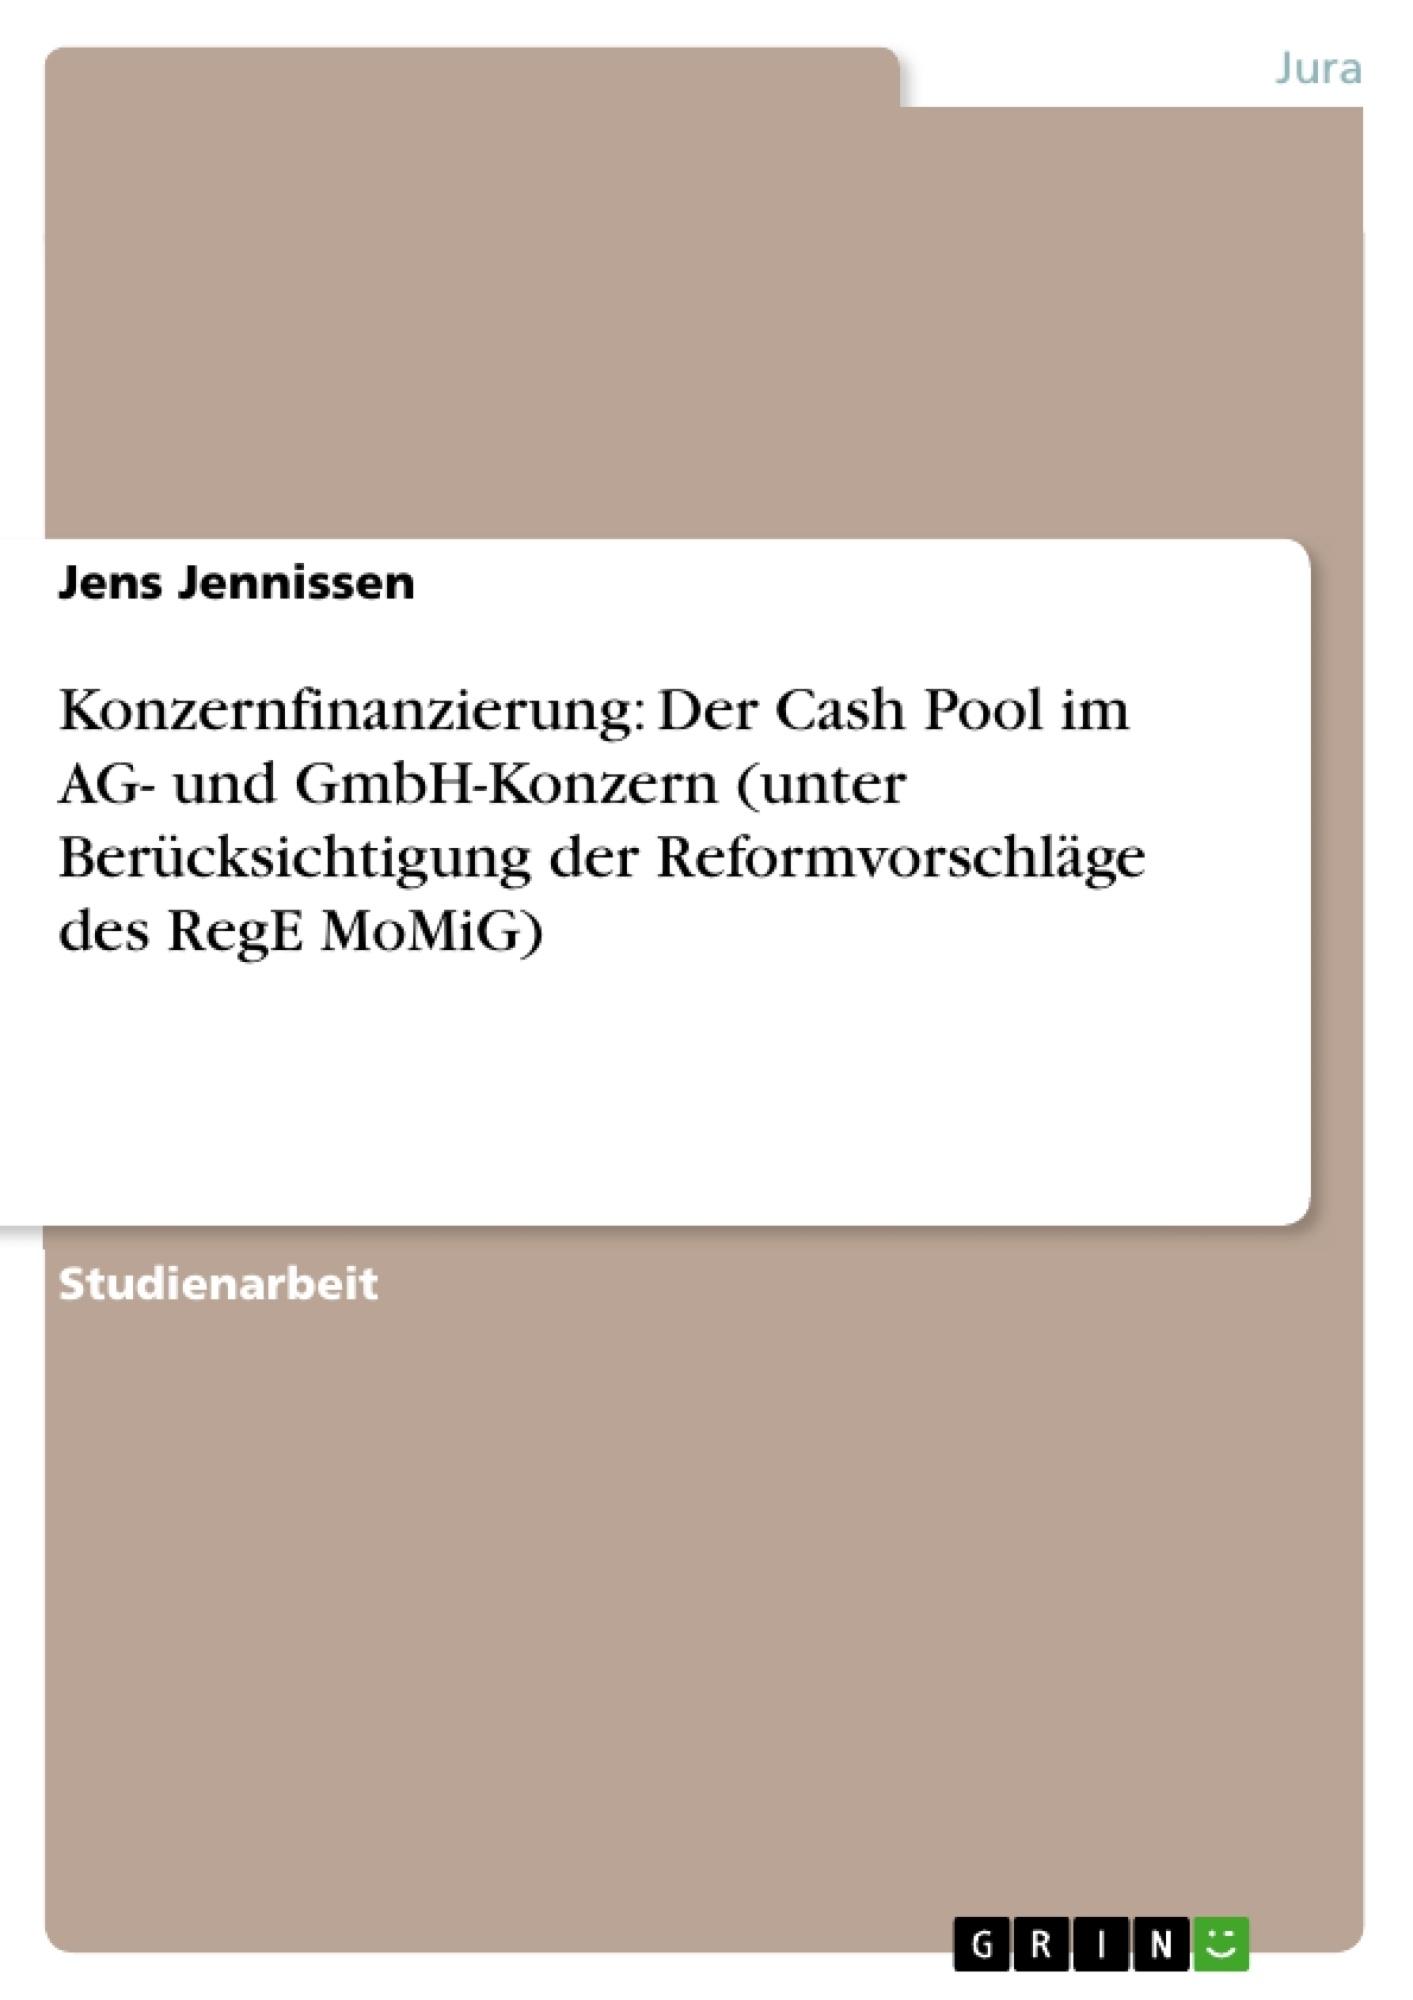 Titel: Konzernfinanzierung: Der Cash Pool im AG- und GmbH-Konzern (unter Berücksichtigung der Reformvorschläge des RegE MoMiG)